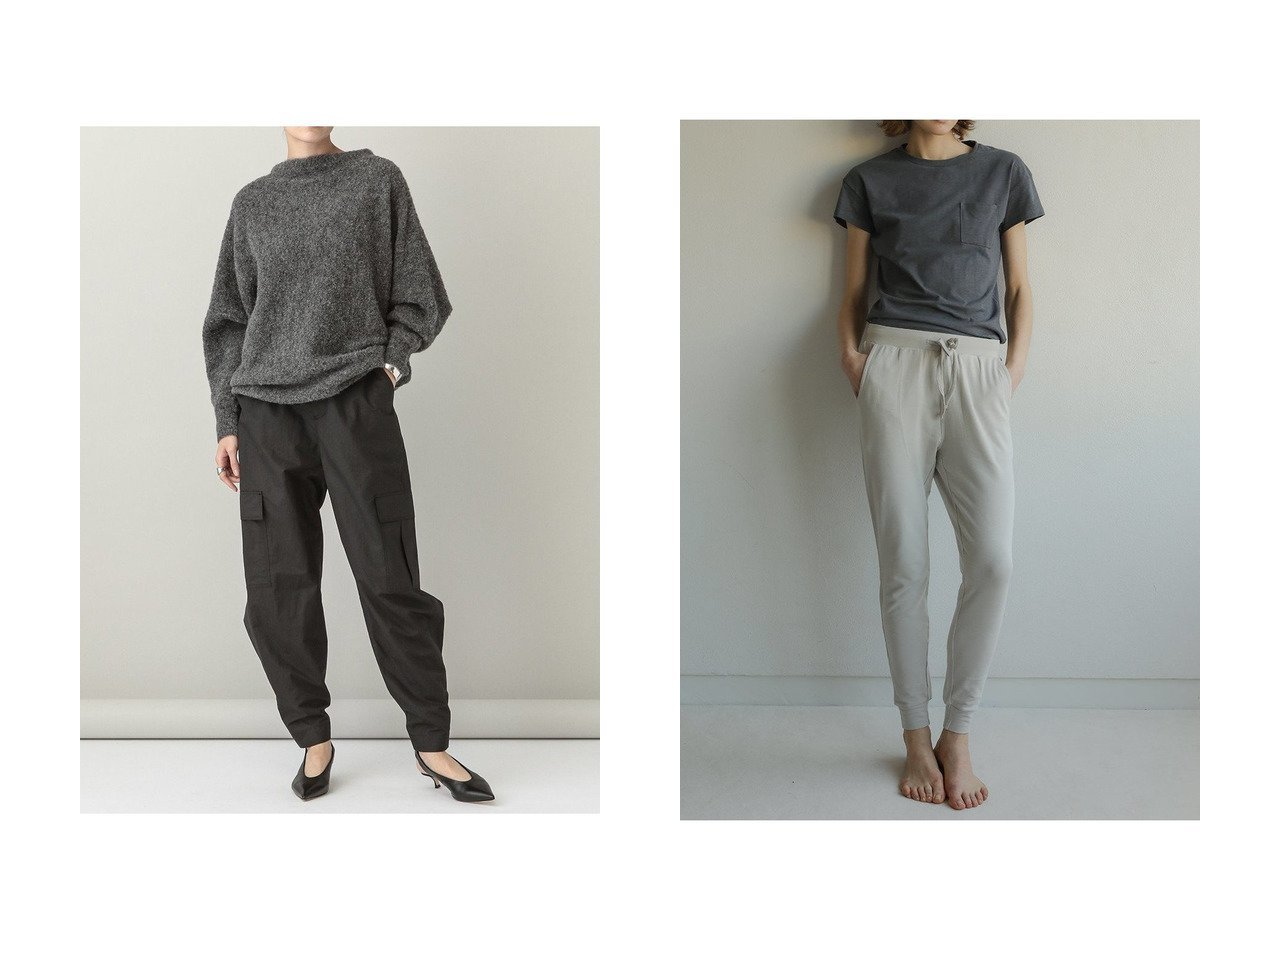 【Curensology/カレンソロジー】のライトカーゴパンツ&【Sacre/サク レ】の【One mile】パンツ パンツのおすすめ!人気、レディースファッションの通販 おすすめで人気のファッション通販商品 インテリア・家具・キッズファッション・メンズファッション・レディースファッション・服の通販 founy(ファニー) https://founy.com/ ファッション Fashion レディース WOMEN パンツ Pants カーゴパンツ スリム ルーズ 人気 |ID:crp329100000000197